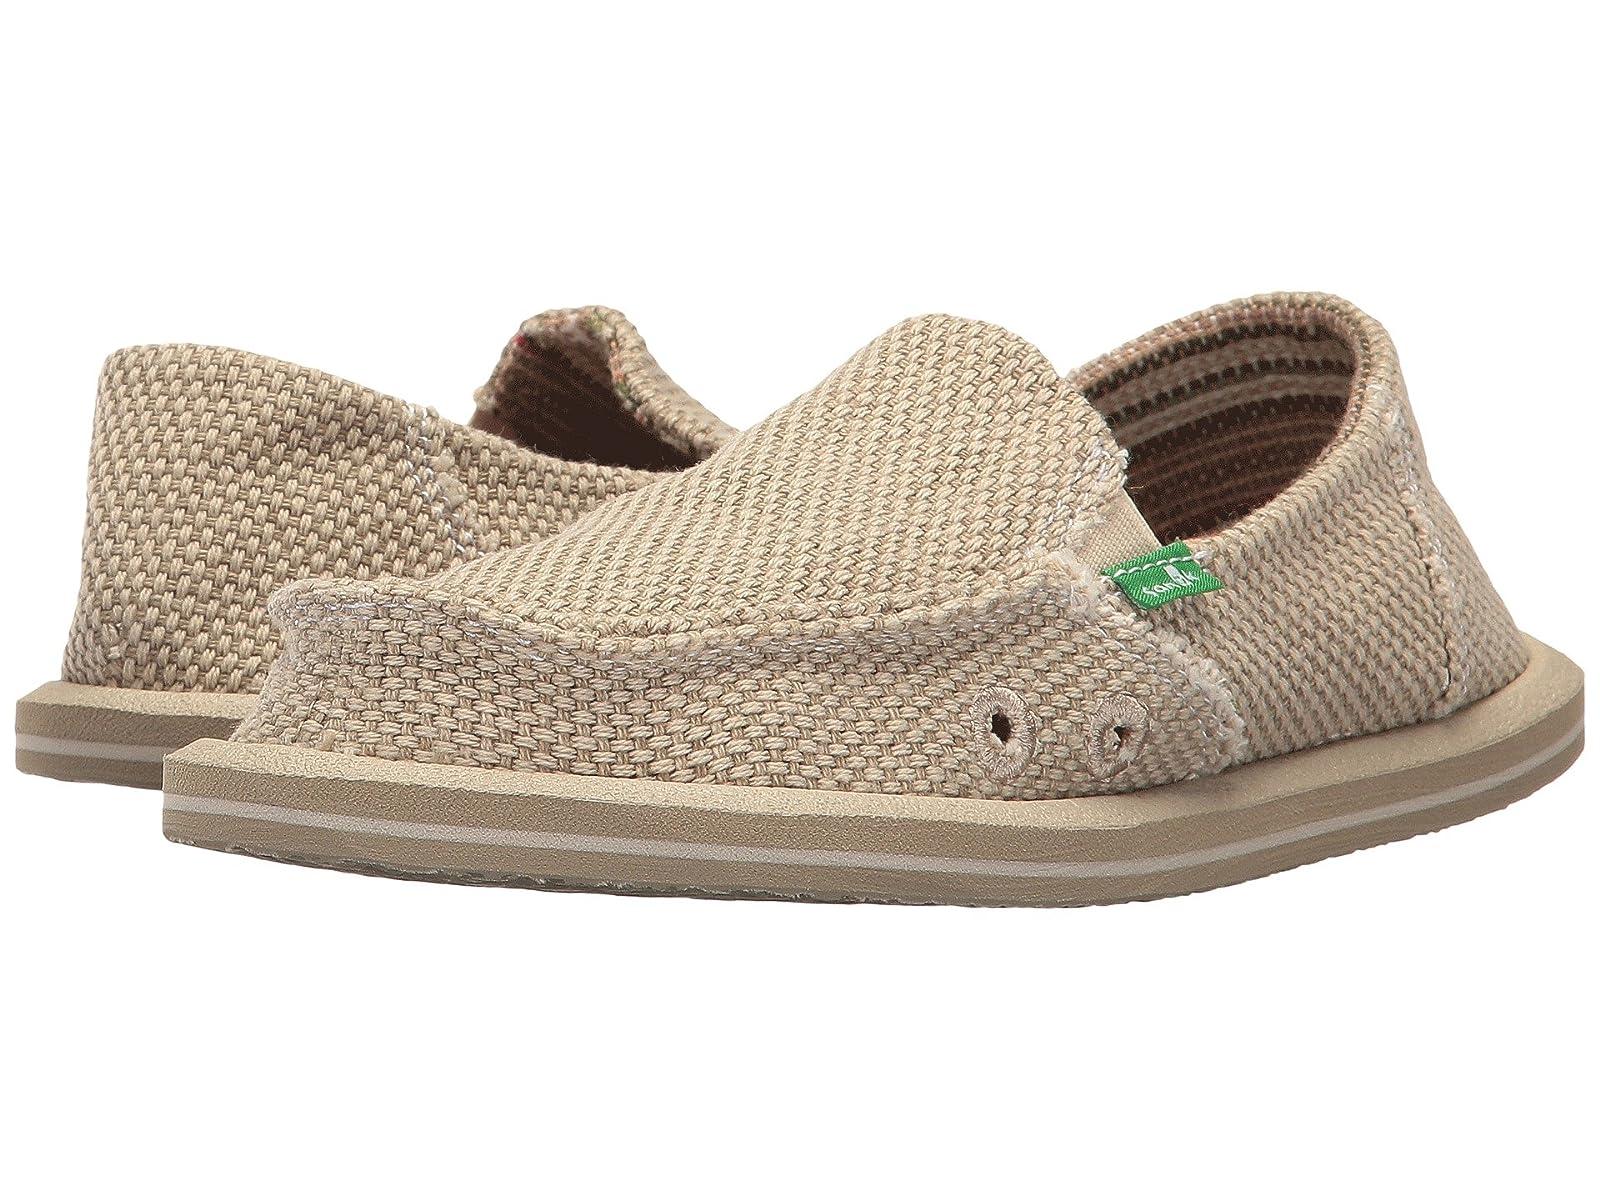 Sanuk Kids Vagabond (Little Kid/Big Kid)Atmospheric grades have affordable shoes